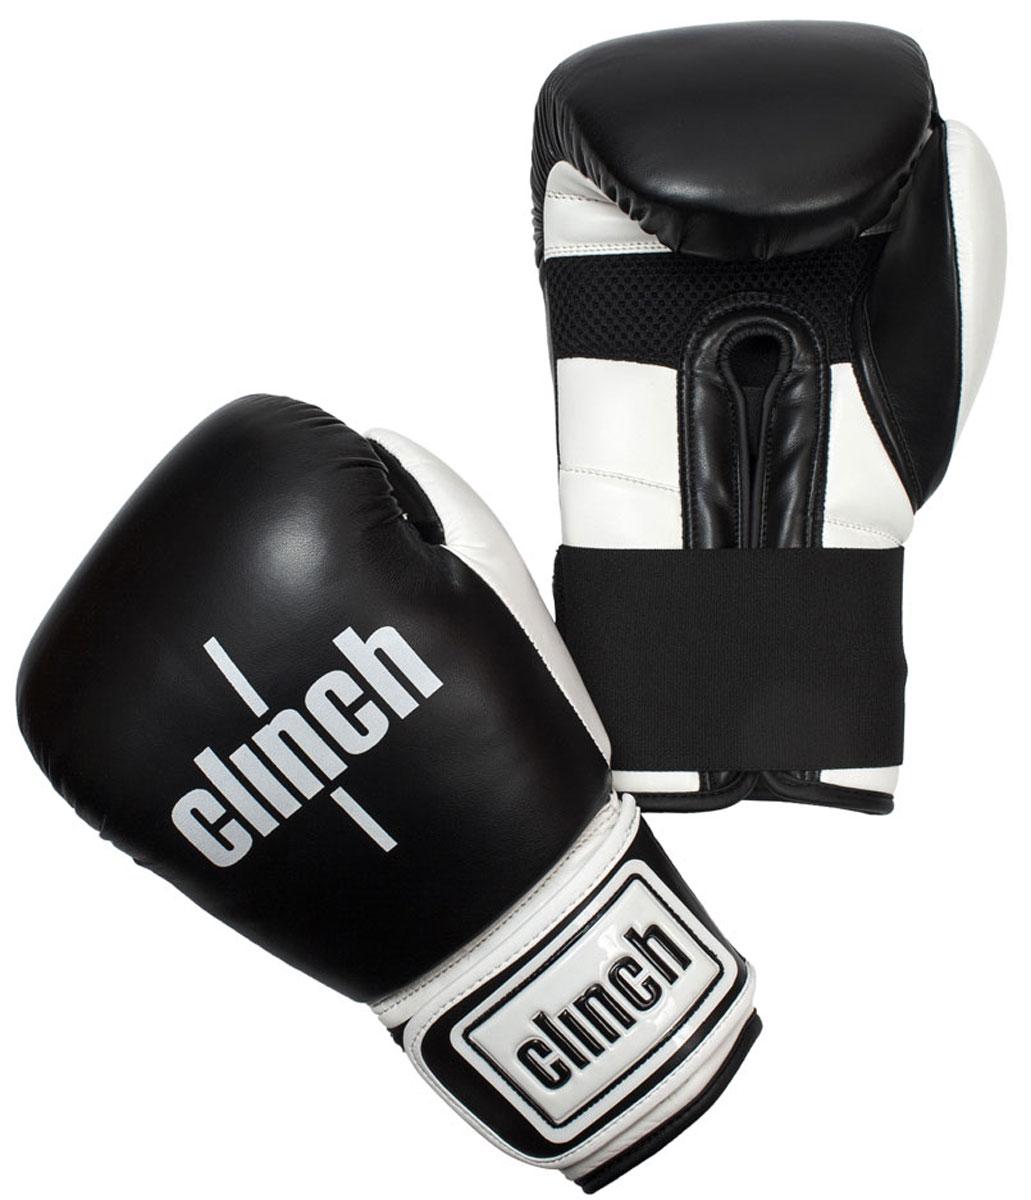 Перчатки боксерские Clinch Punch, цвет: черно-белый, 12 унций. C131C131Боксерские перчатки Punch. Изготовлены из высококачественного, прочного эластичного полиуретана. Многослойный пенный наполнитель обеспечивает улучшенную анатомическую посадку, комфорт и высокий уровень защиты. Широкая резинка позволяет оптимально фиксировать запястье.